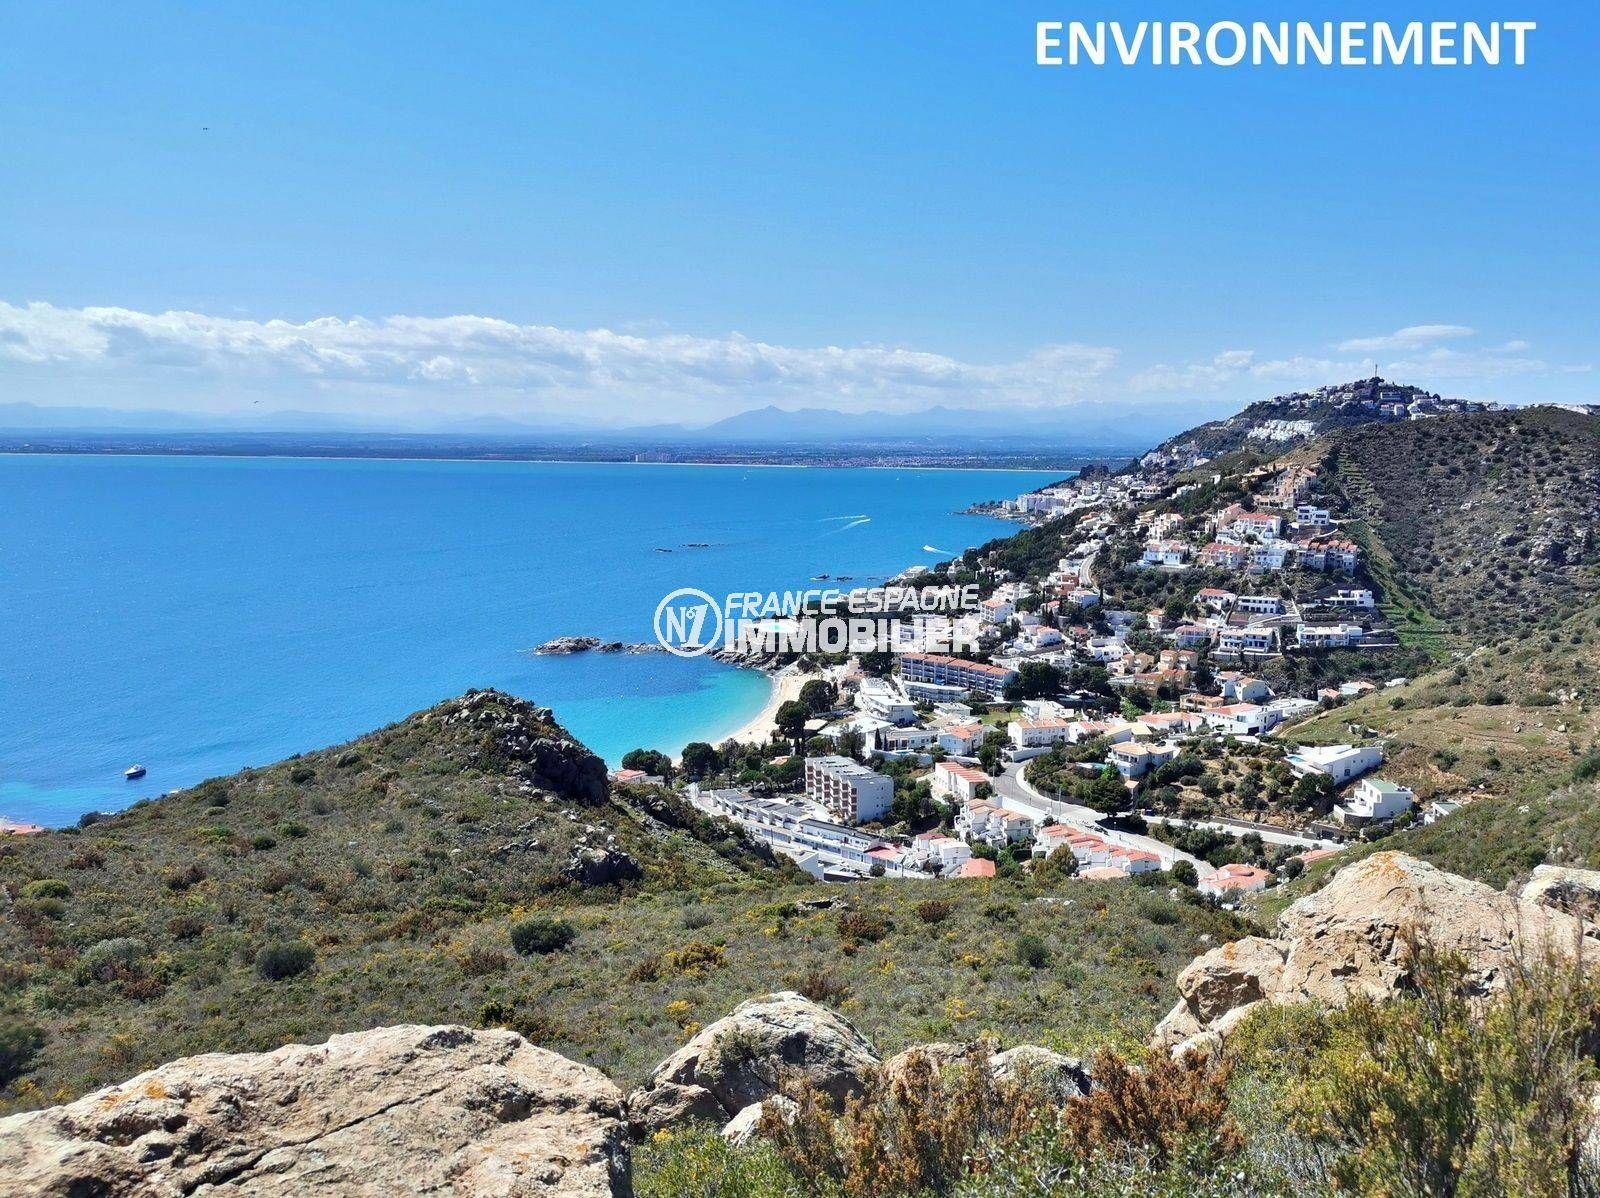 vente immobilier costa brava: ref.3819, vue magnifique sur la côte et la mer environnante